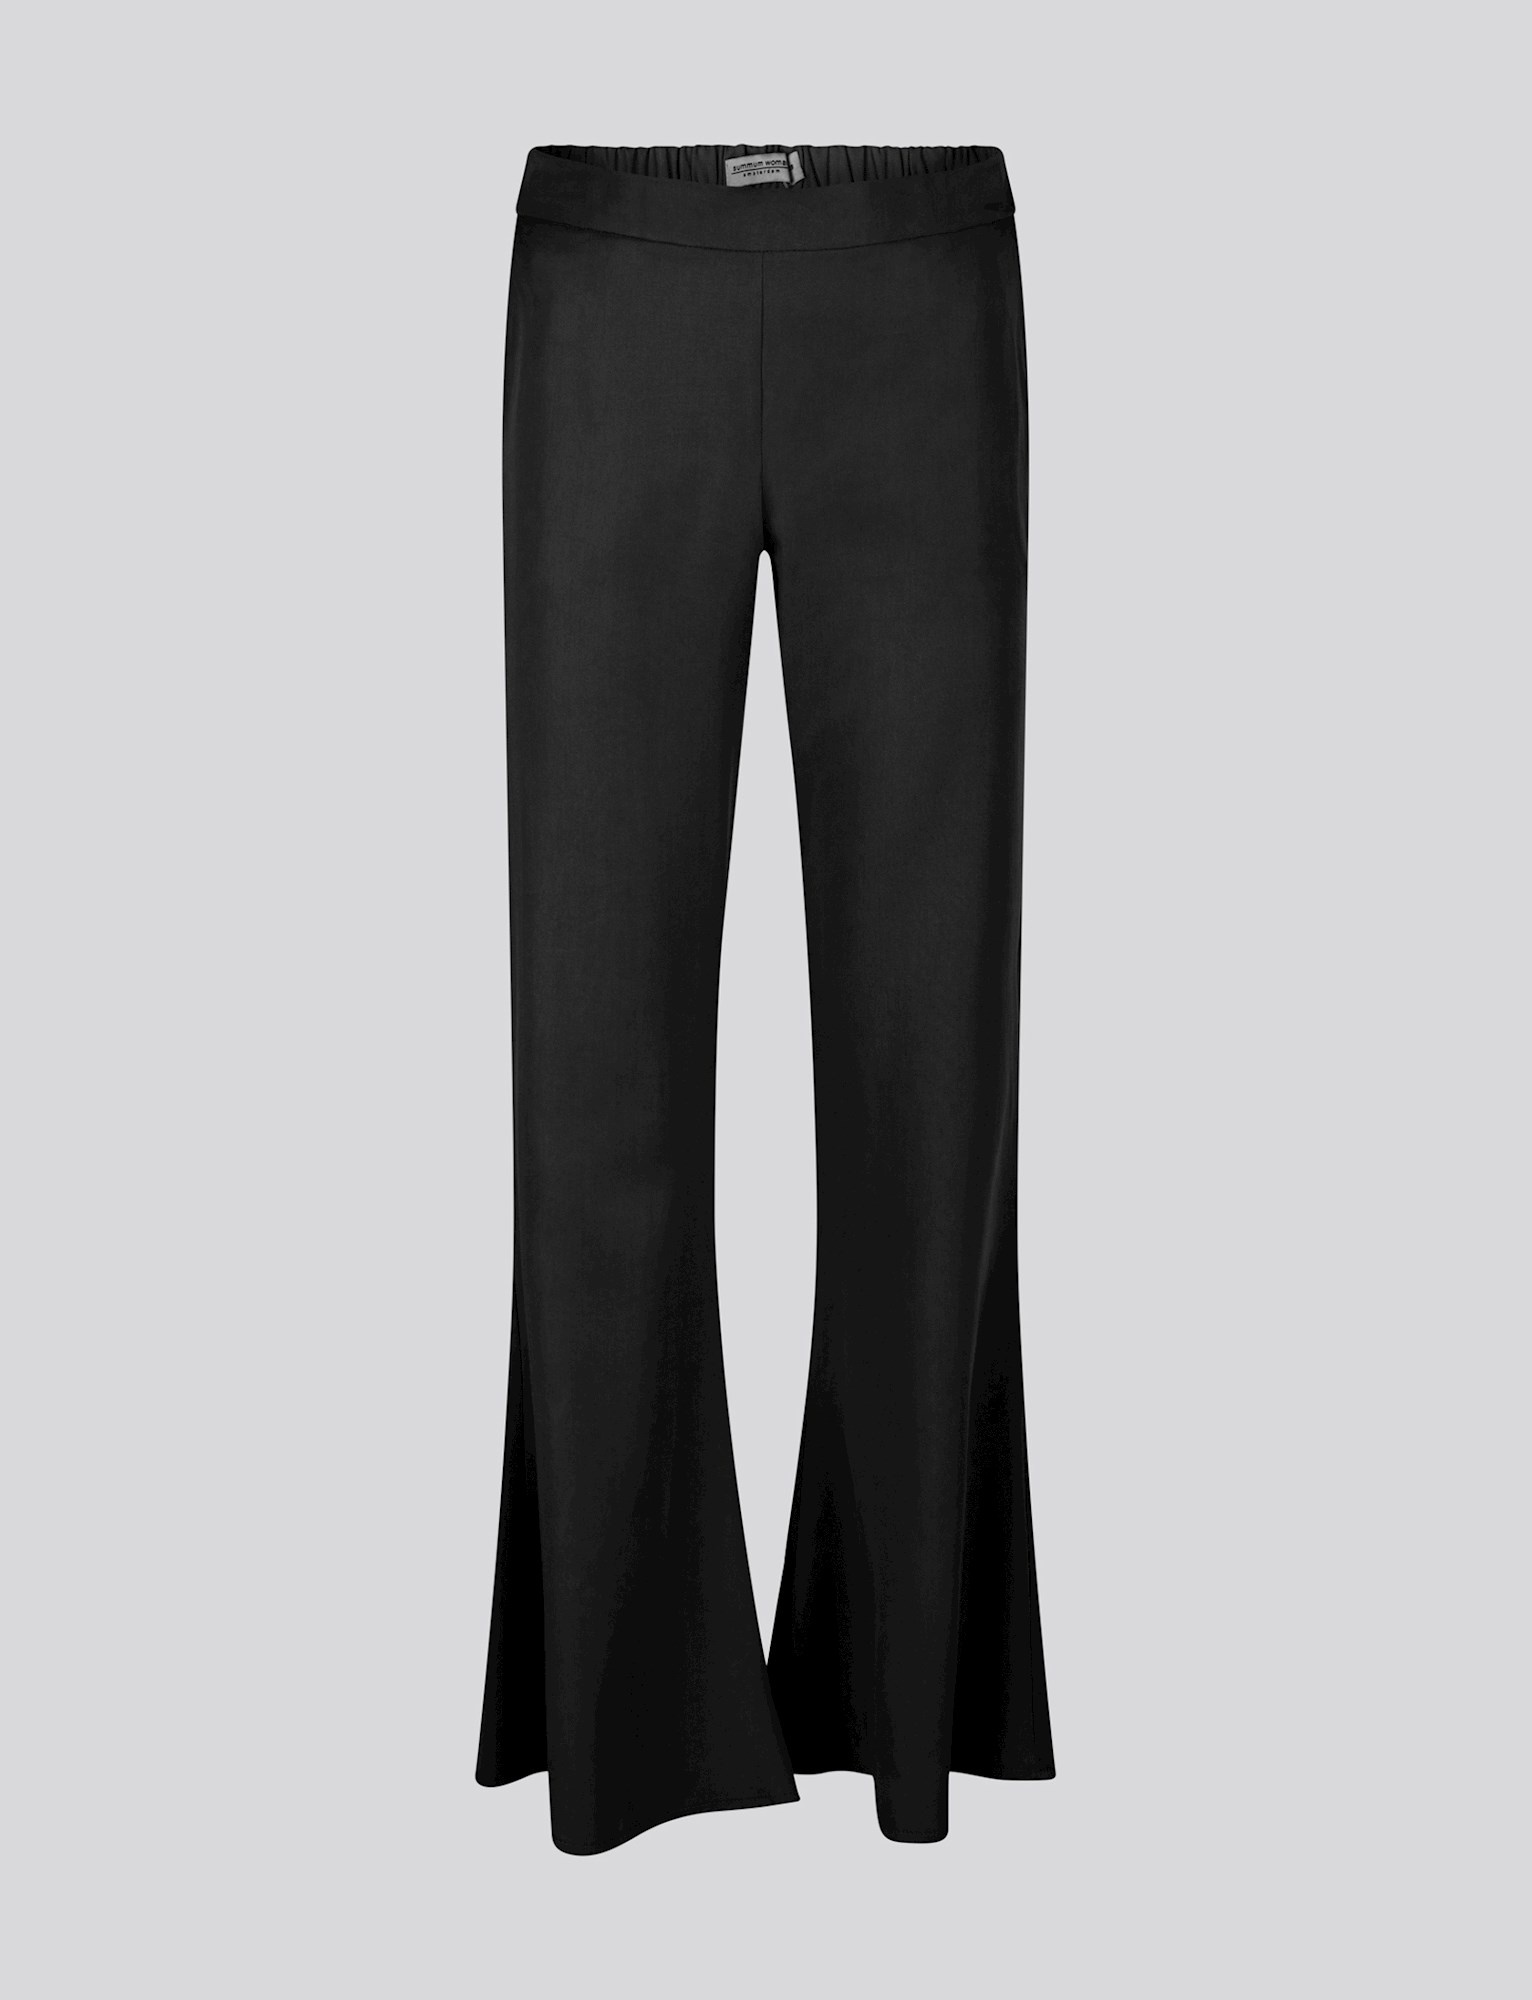 Summum Trouser 4S2144-11435C4-1